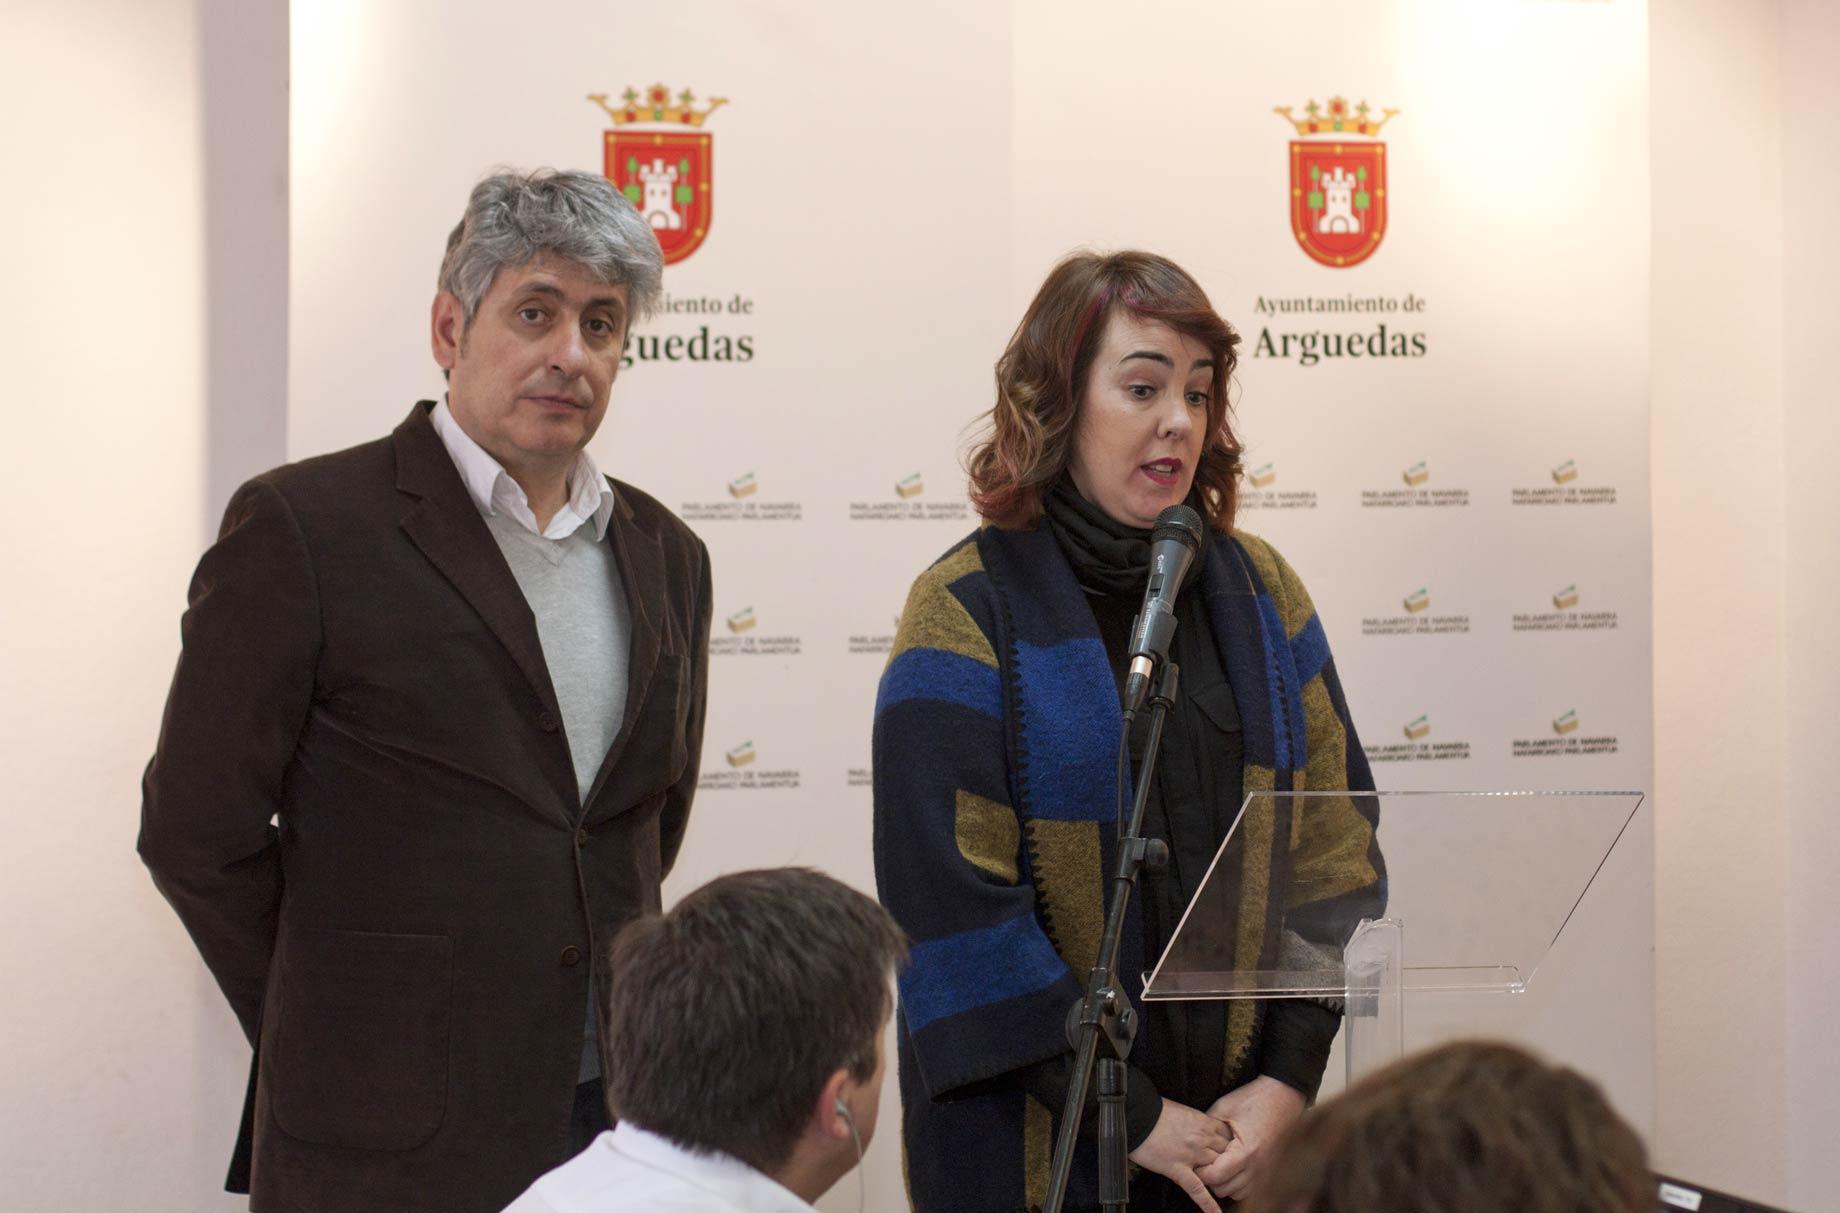 Parlamento-Arguedas-2017_MG_7889-07